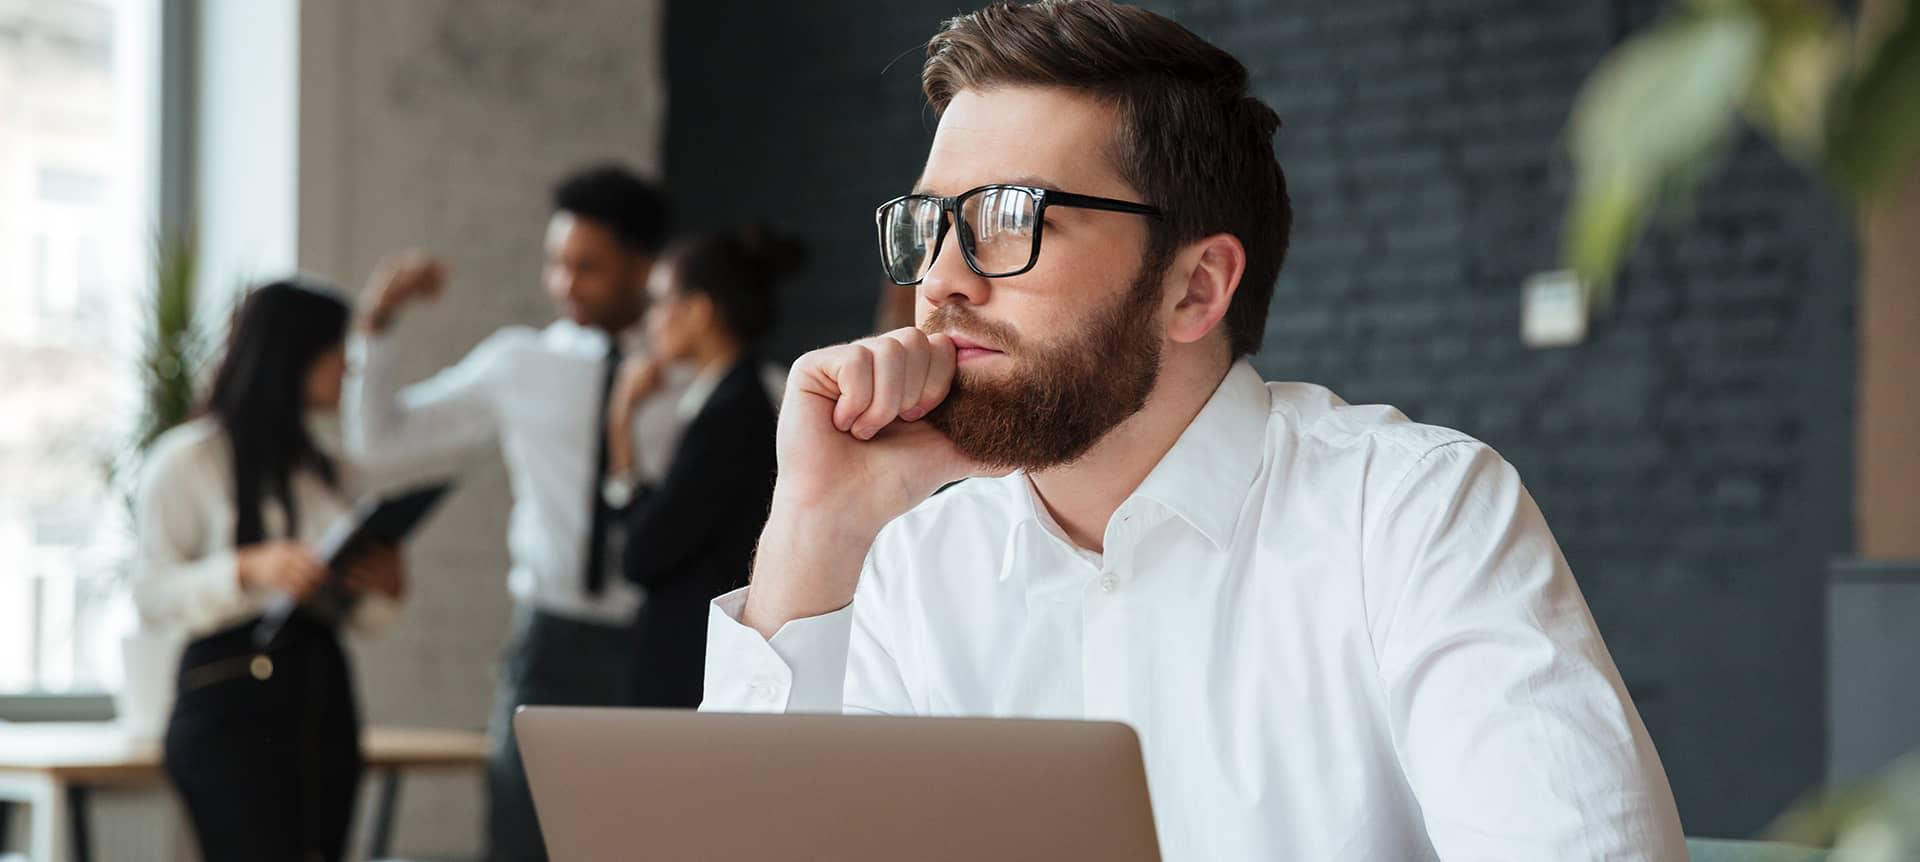 A male recruiter using a hiring platform